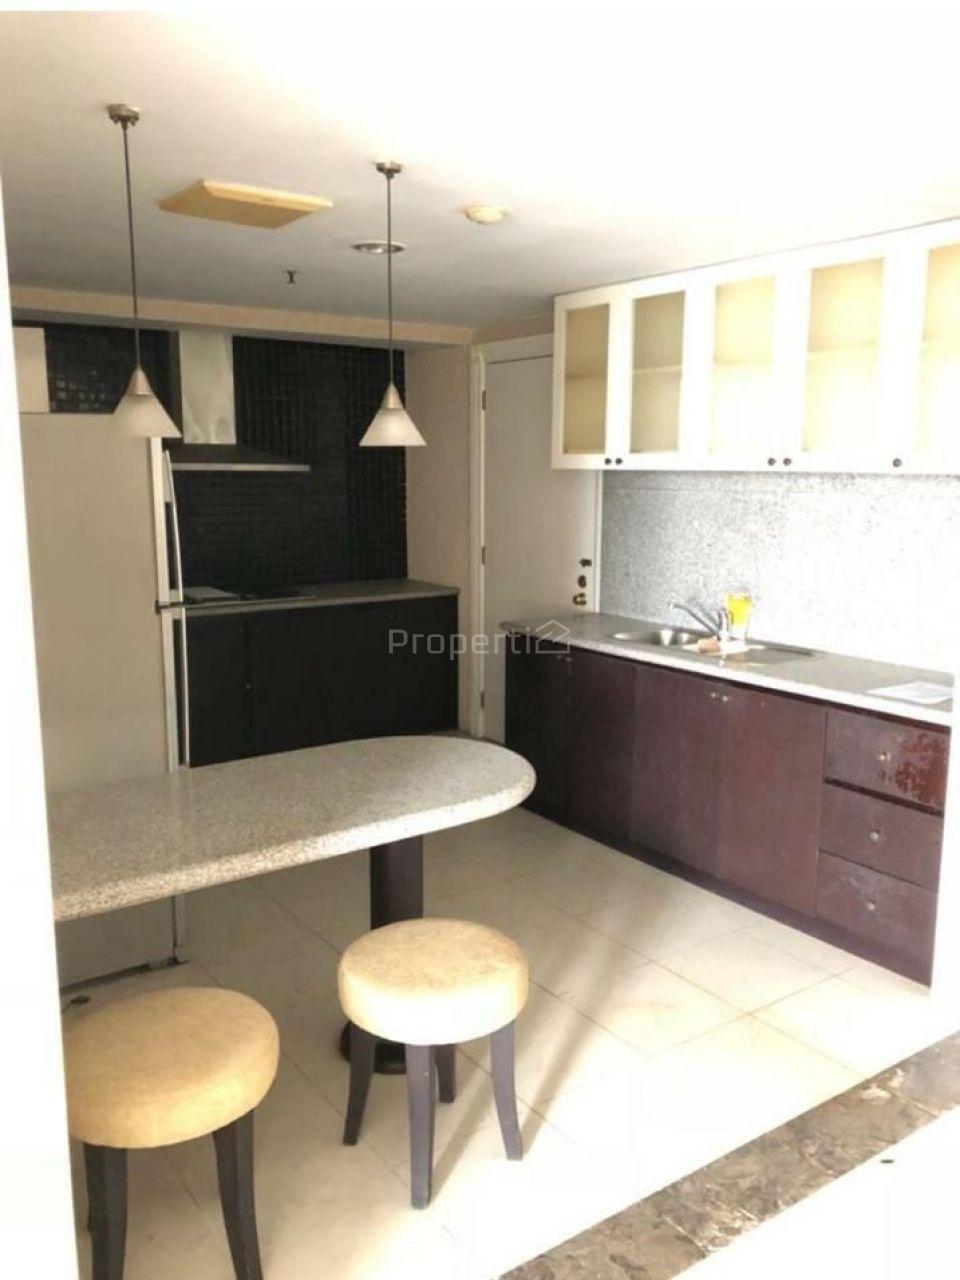 Unit 1BR di Apartemen Eksekutif Menteng, Menteng